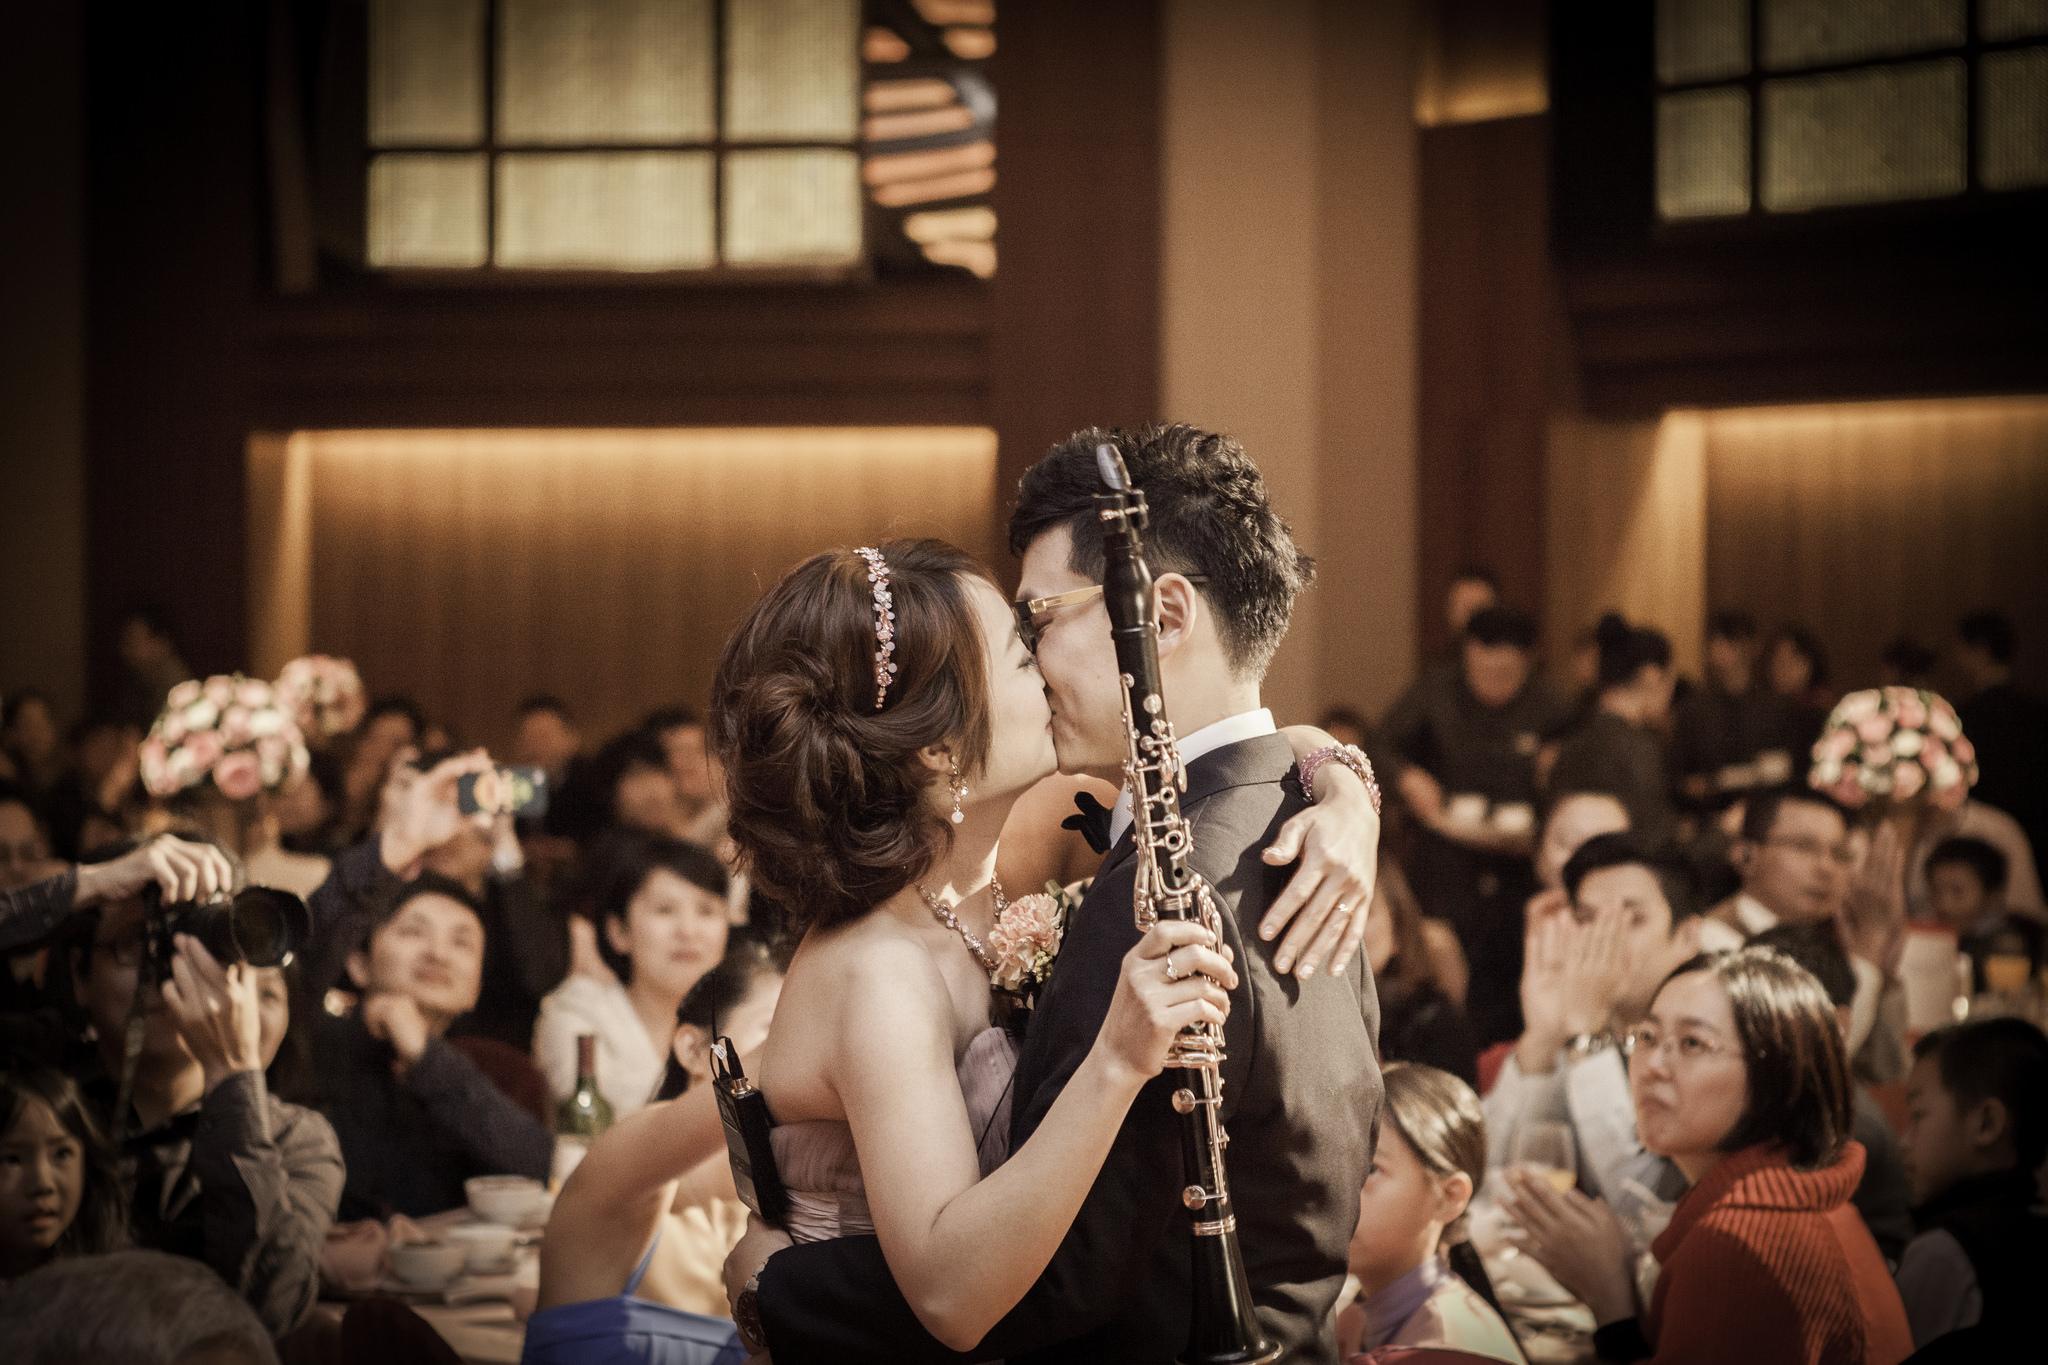 |台北婚攝| 俊傑&裴玲 婚禮紀錄|台北遠企